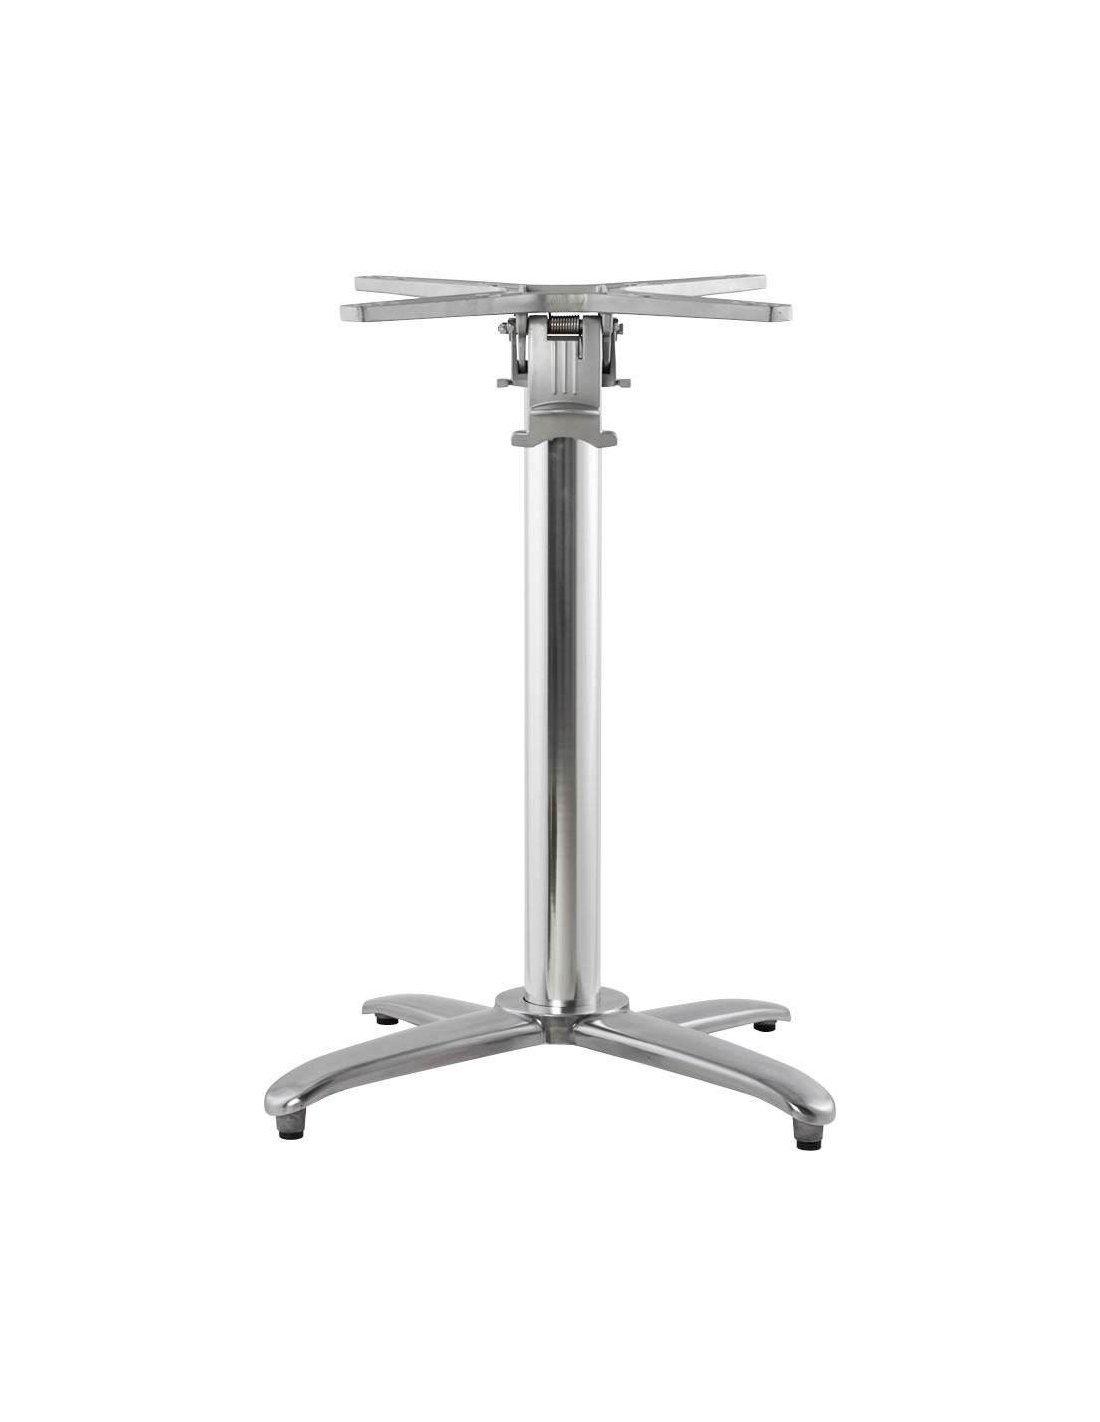 pied de table sans plateau 75cm kokoon design 132 07 chez rec. Black Bedroom Furniture Sets. Home Design Ideas